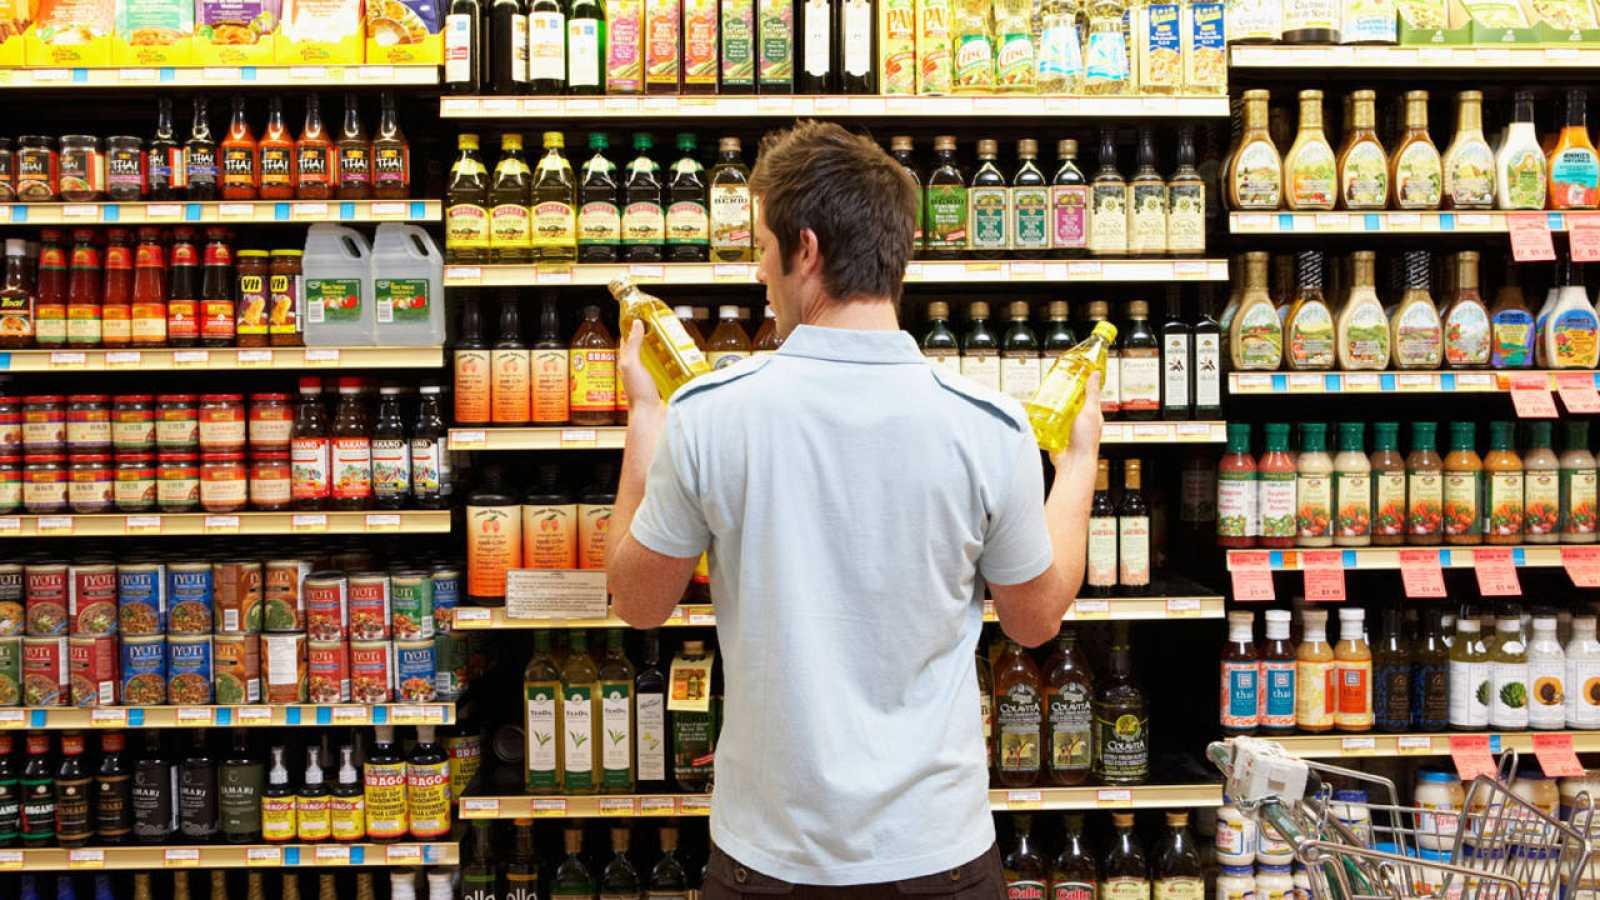 El etiquetado es una de las claves para mejorar la alimentación de la población, según la ONG VSF Justicia Alimentaria Global